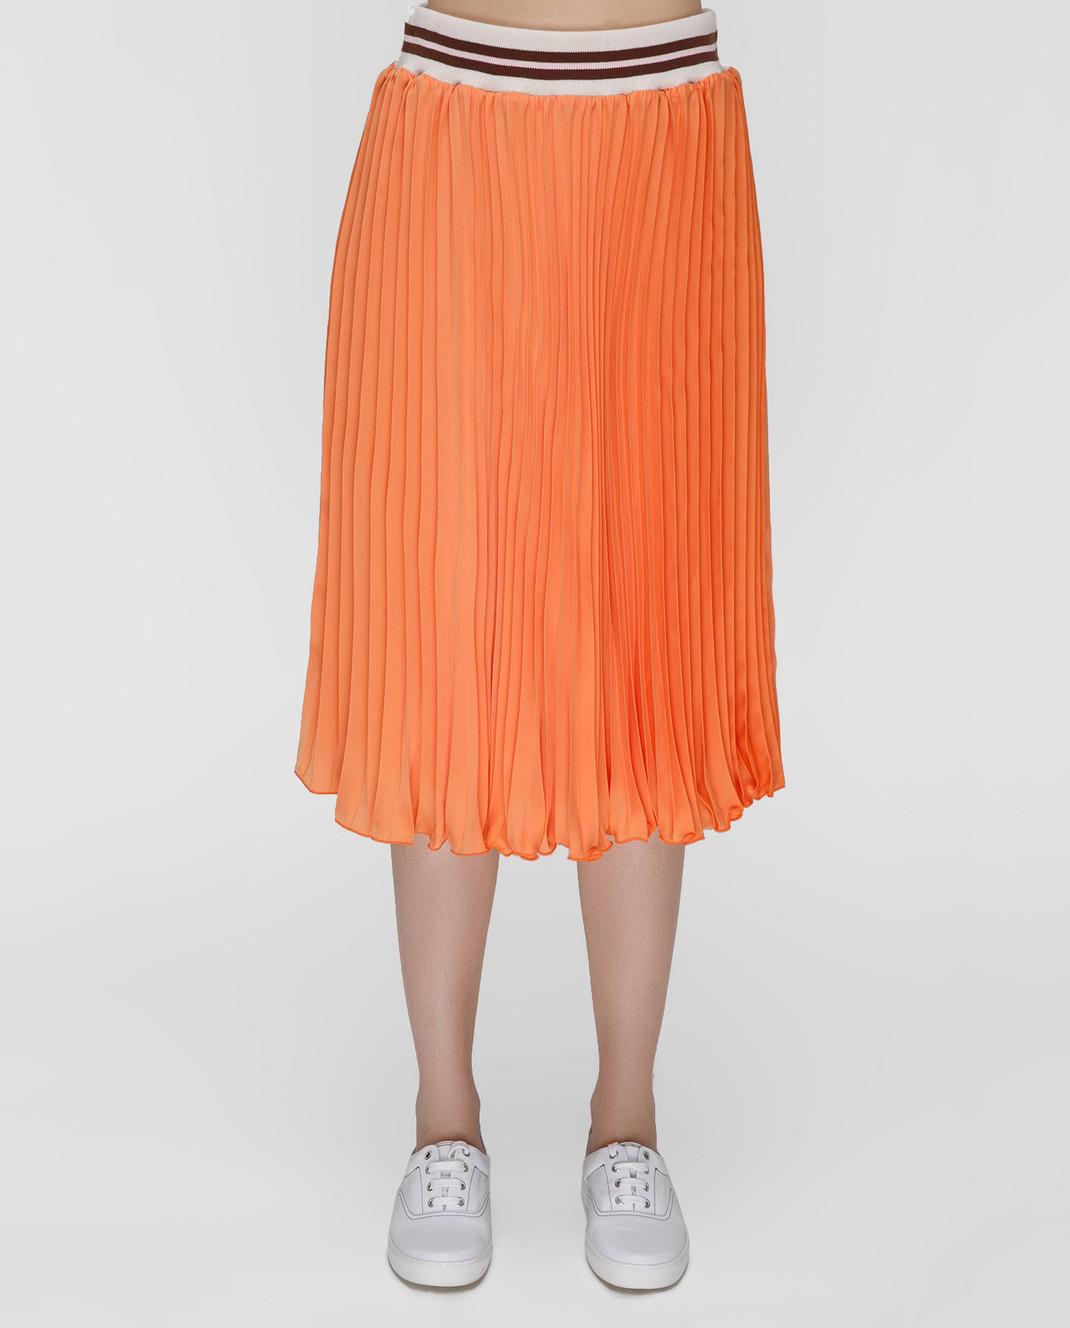 Blugirl Оранжевая юбка-плиссе 3321 изображение 3